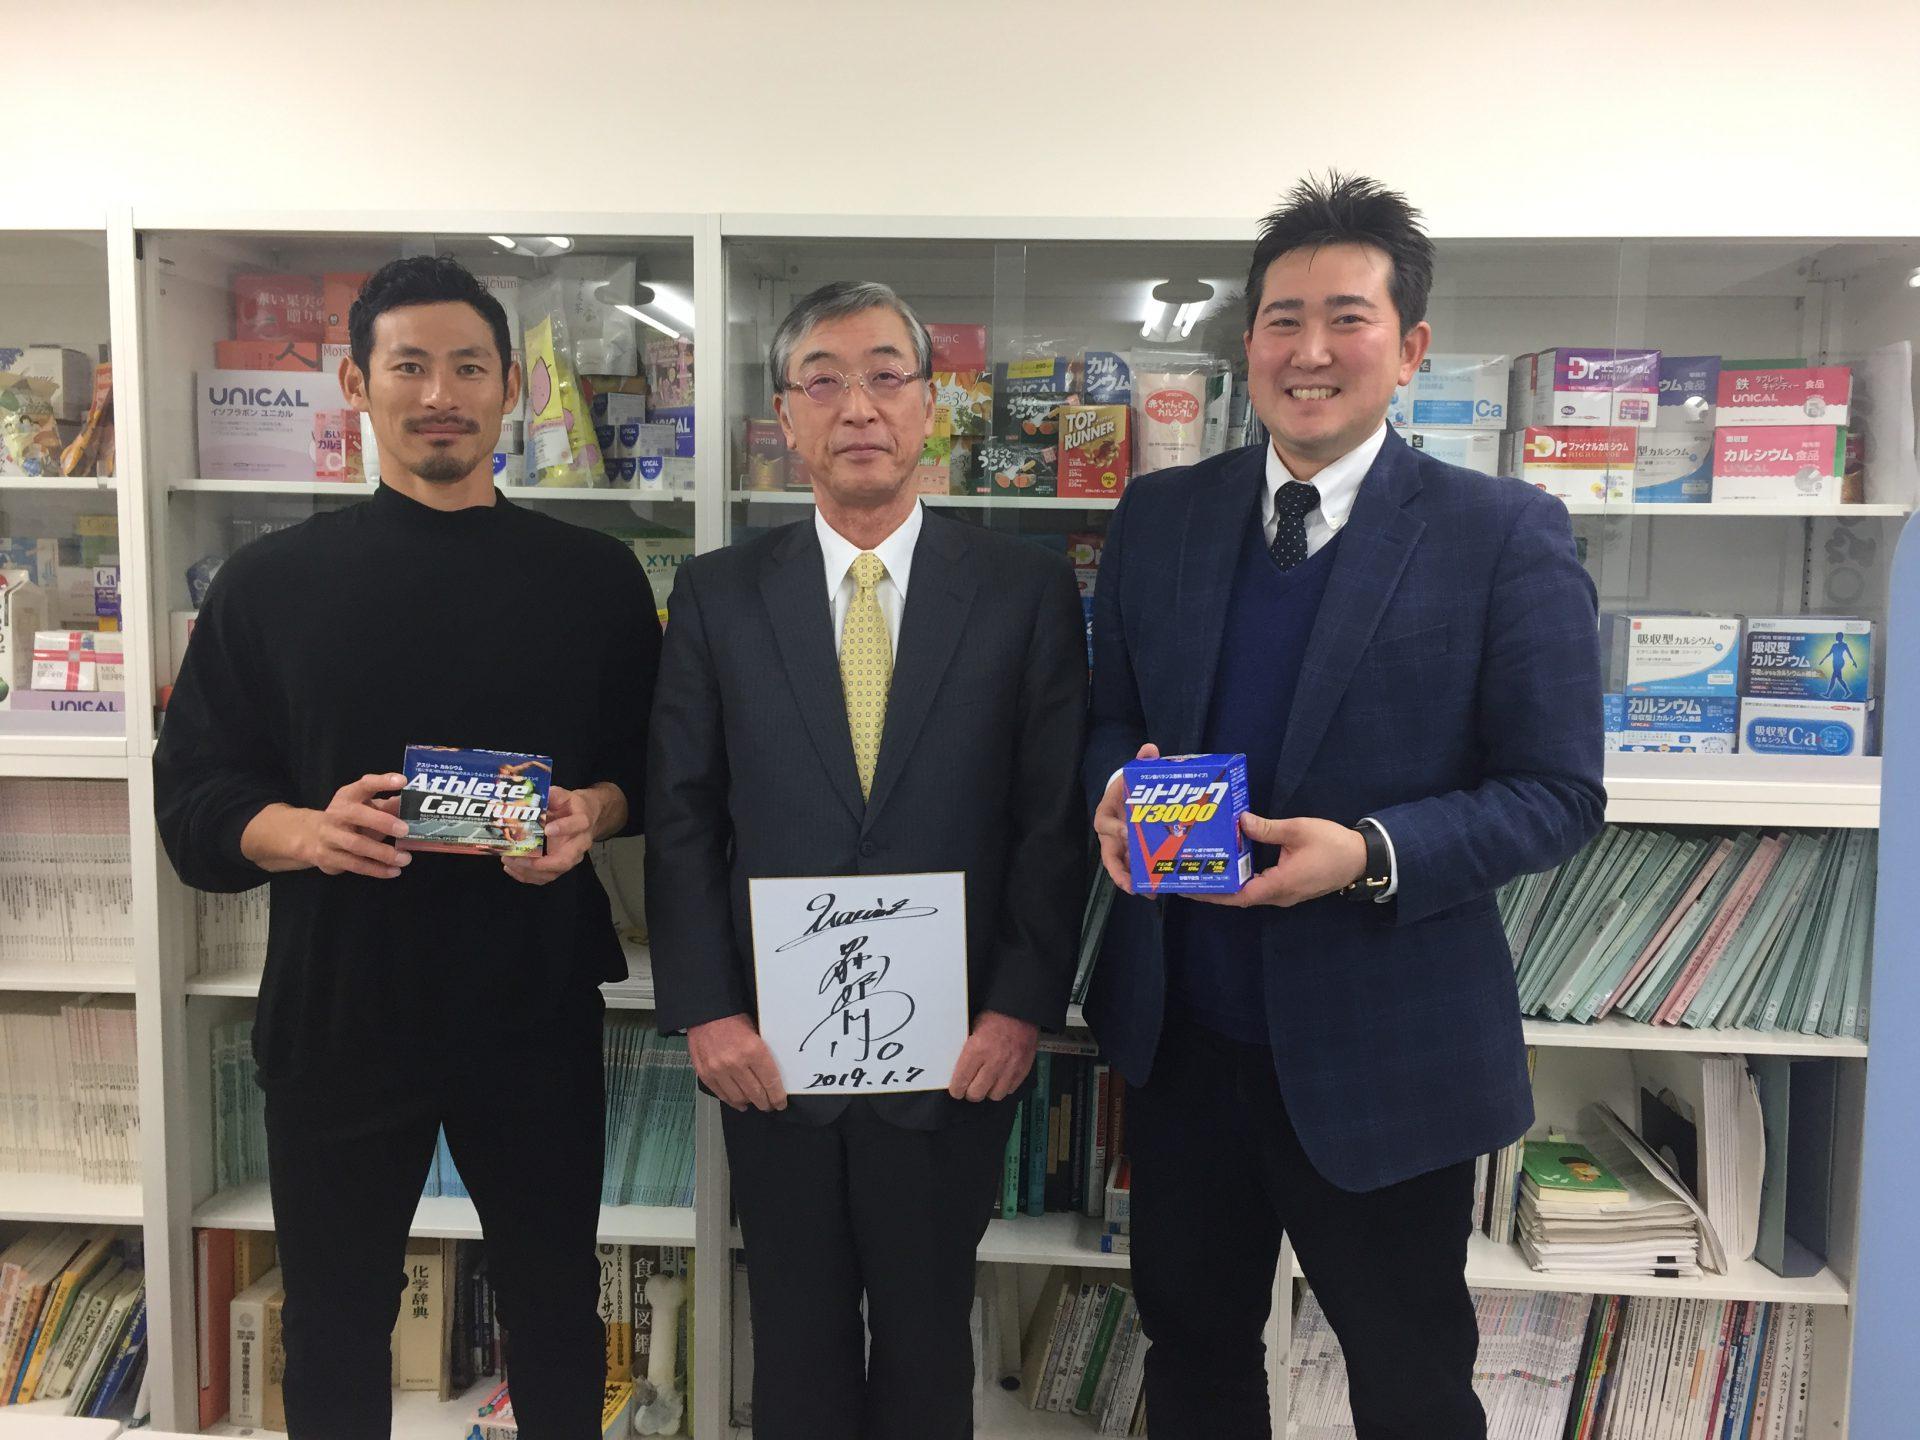 千葉ロッテマリーンズ・荻野貴司選手がユニカ食品に来社いたしました!